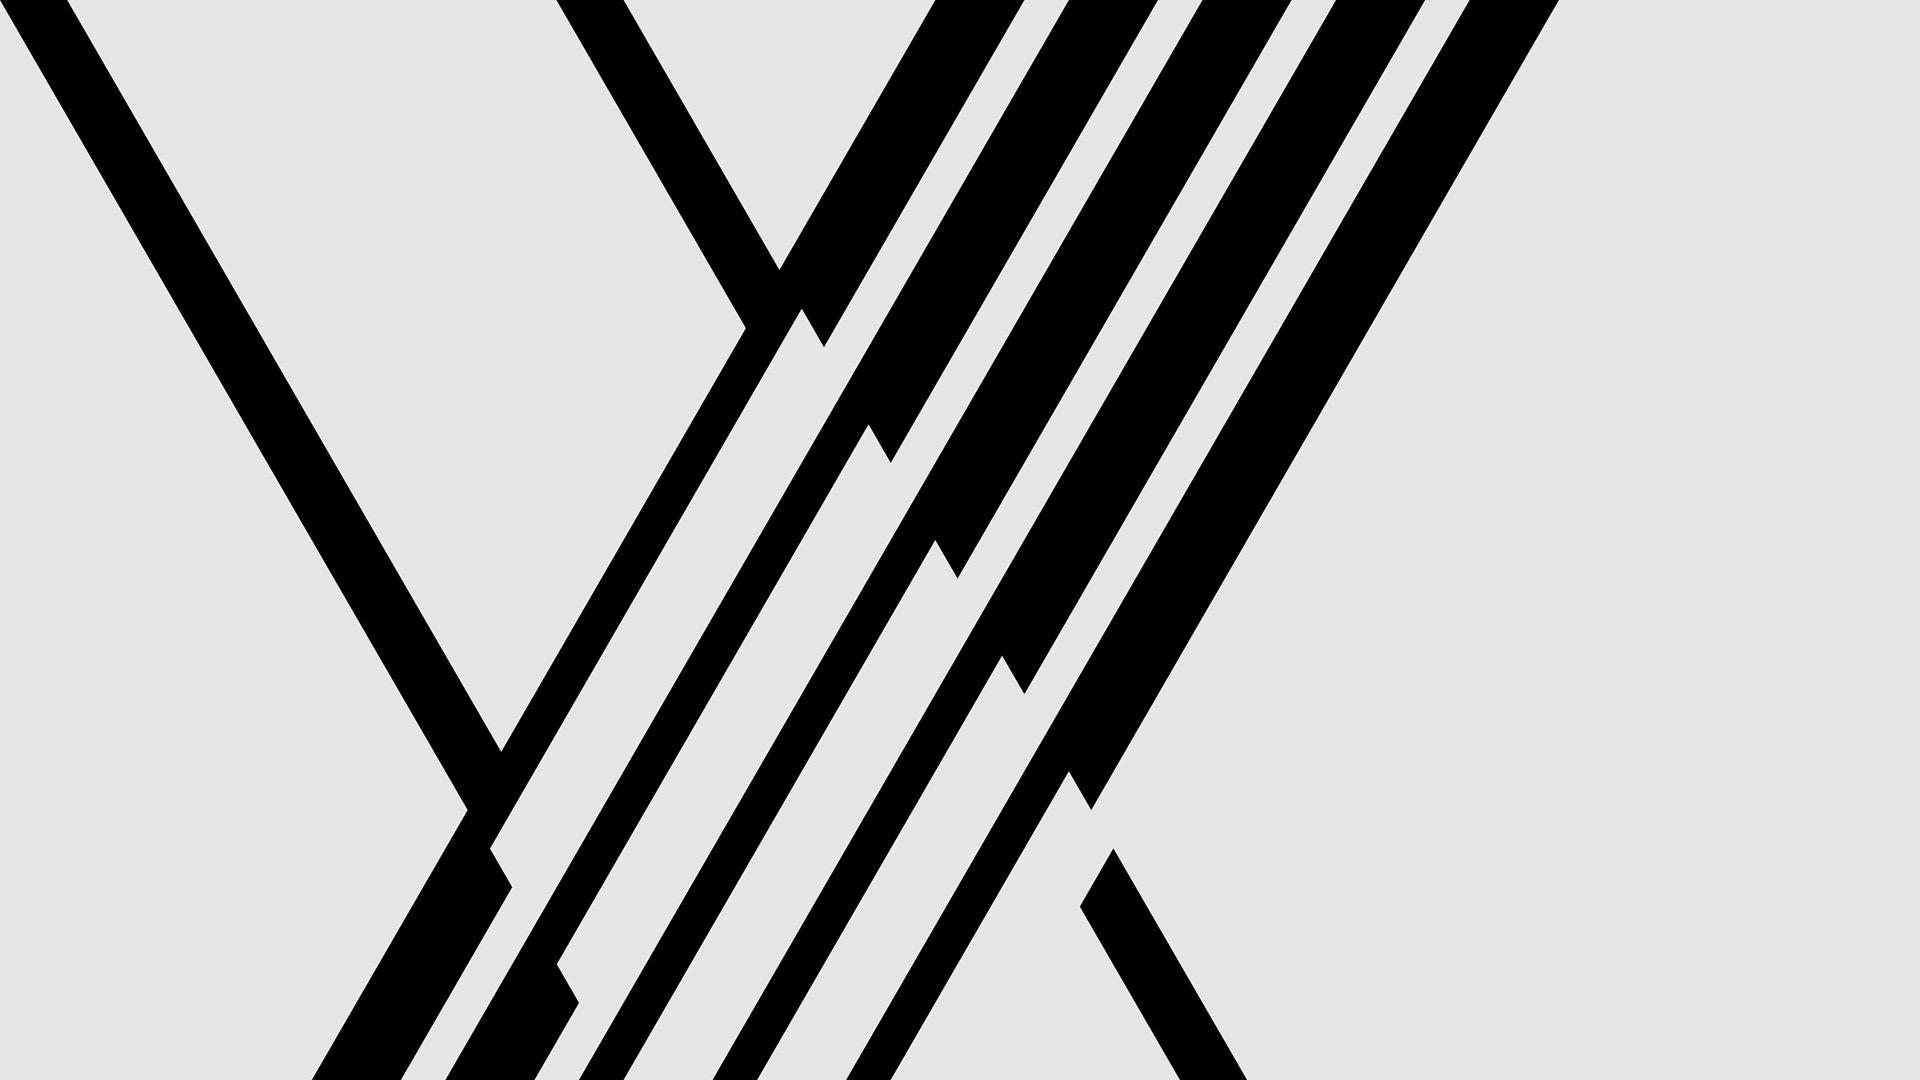 CombinedX – vi digitaliserar Sverige